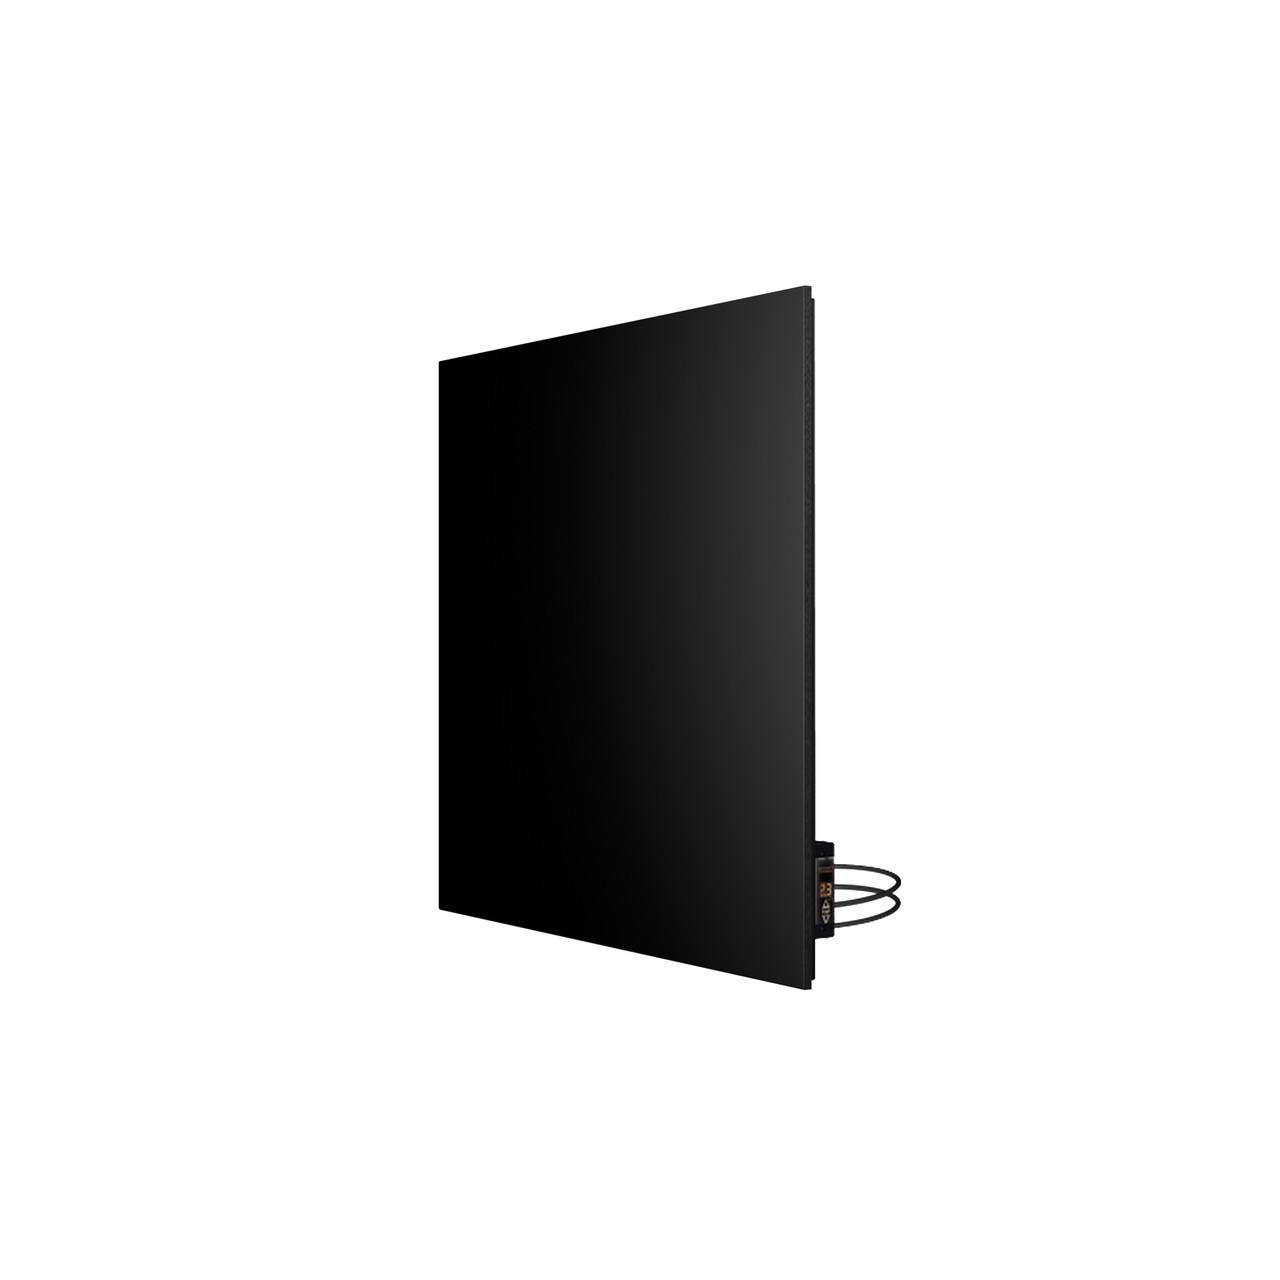 Керамический инфракрасный панельный обогреватель TC400M 400Вт (Чёрный)